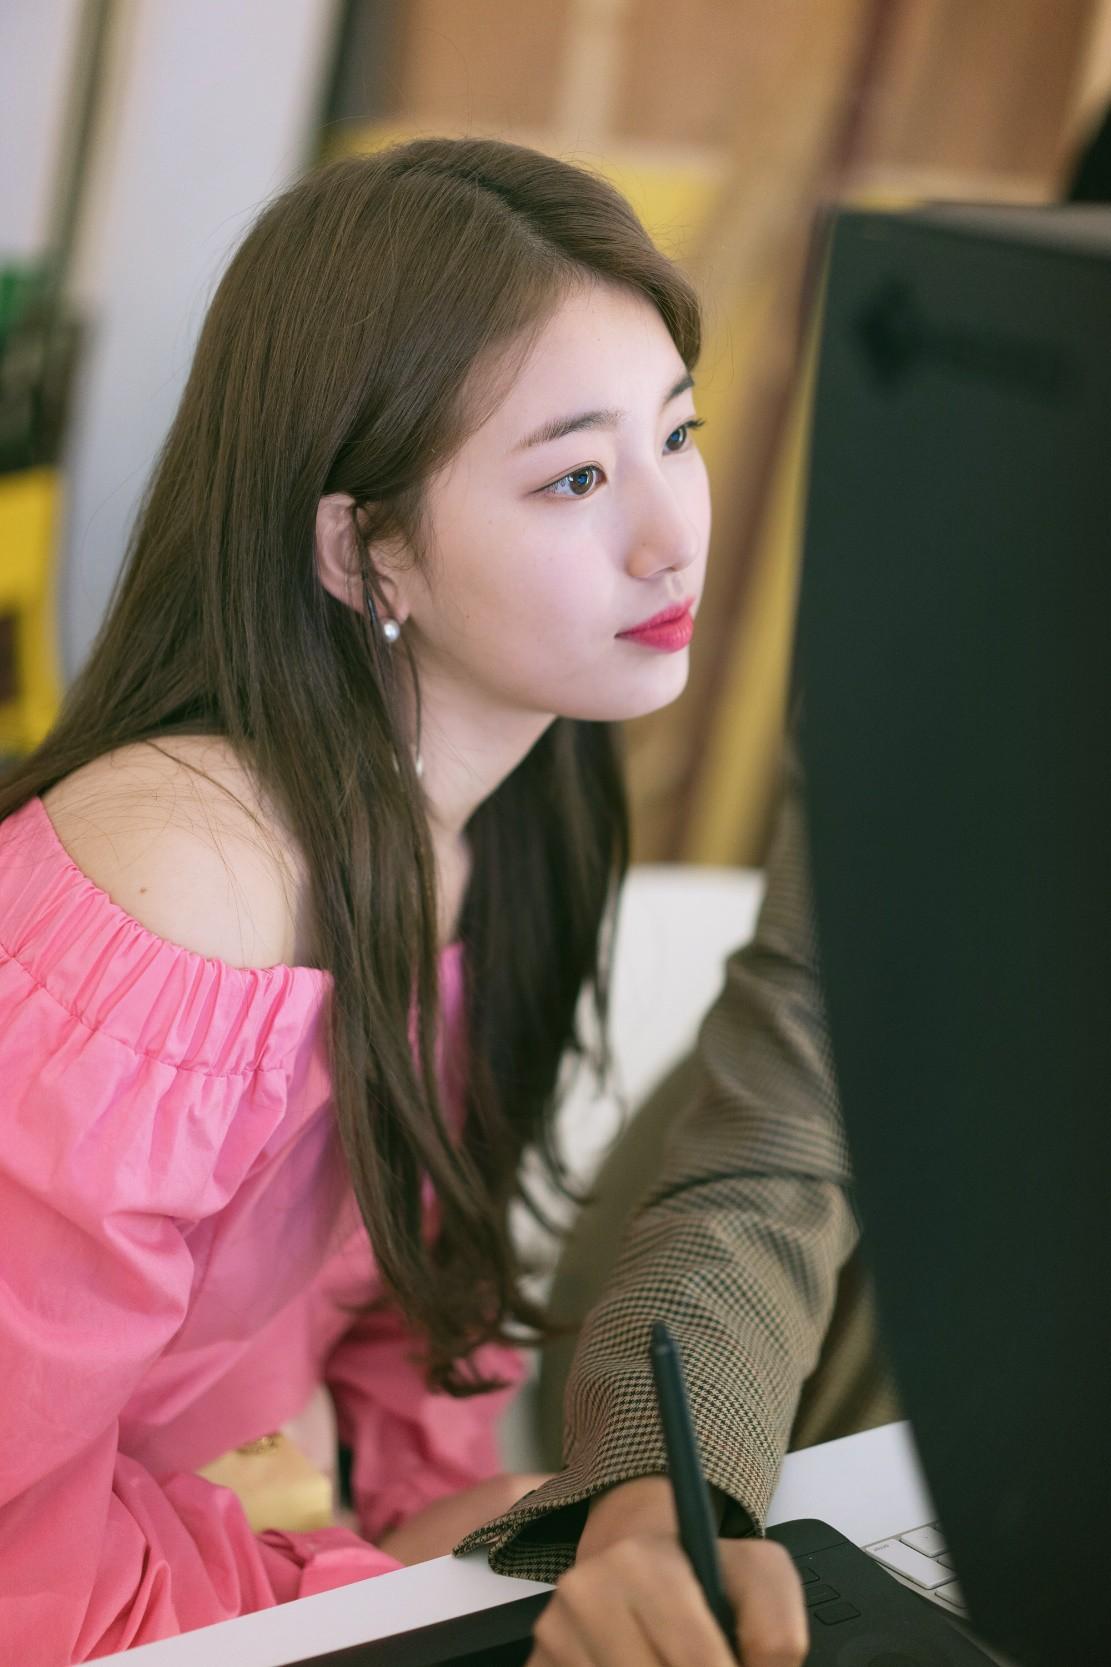 Tài tử được nhiều sao nữ chọn là hình mẫu lý tưởng nhất xứ Hàn: Từ Suzy cho đến mẹ Kim Tan đều mê mẩn - Ảnh 2.